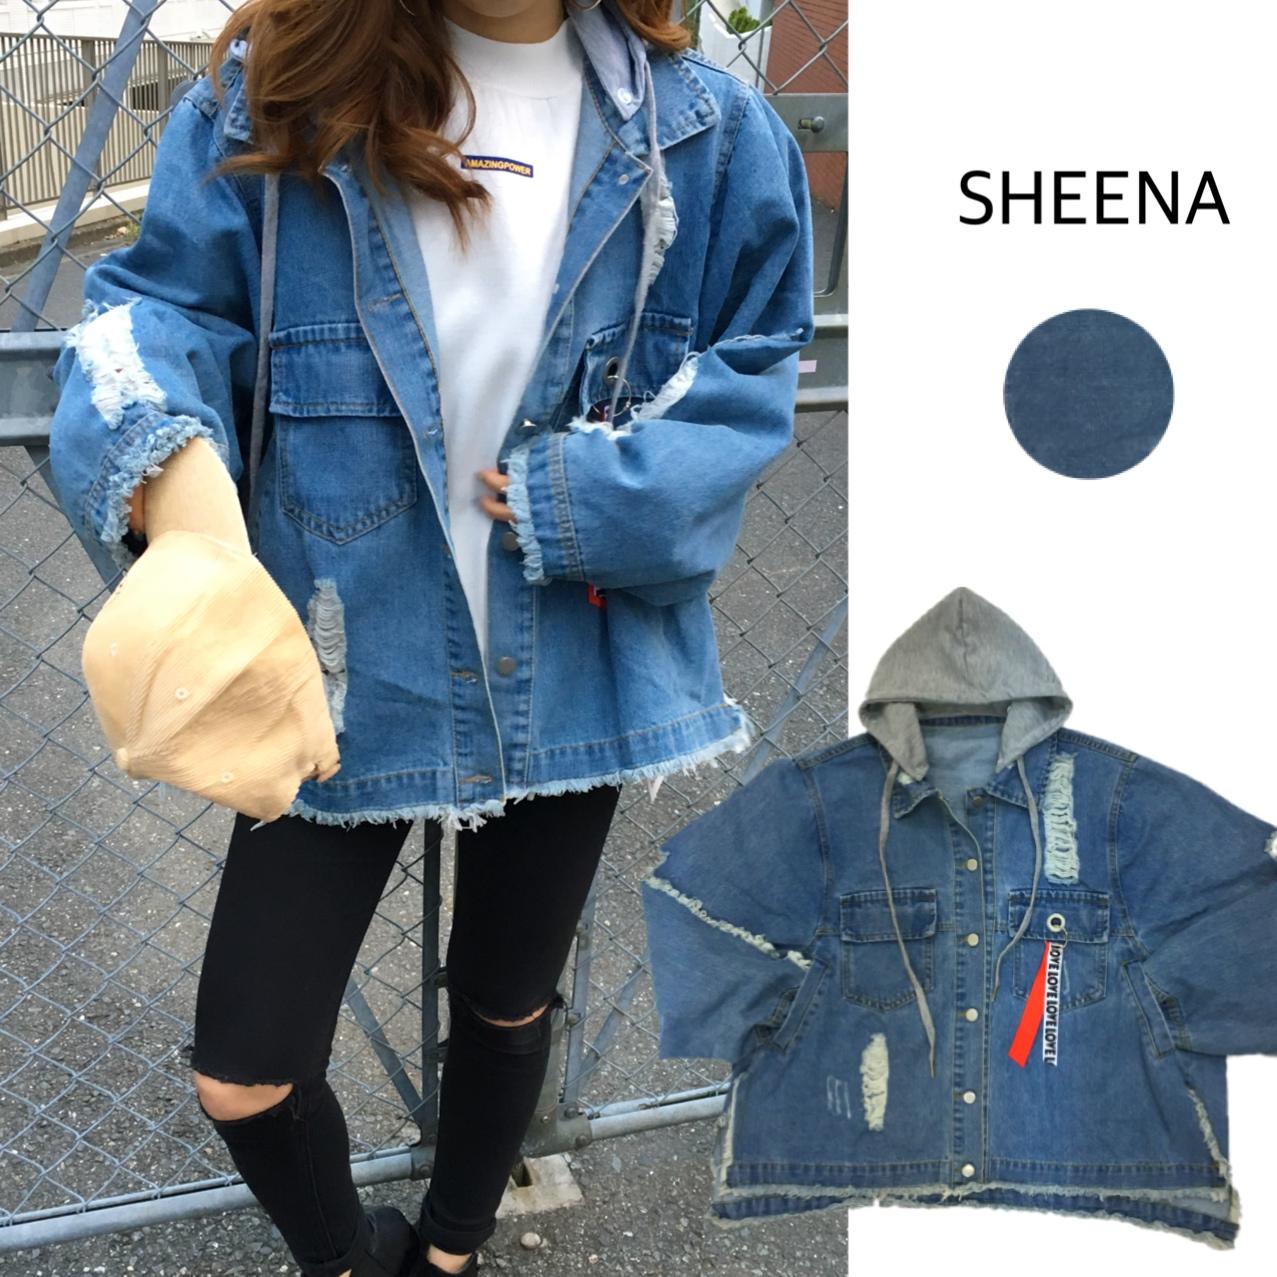 SHEENA (シーナ) | 裏毛フード付 ダメージ デニムルーズジャケット 【 春 夏